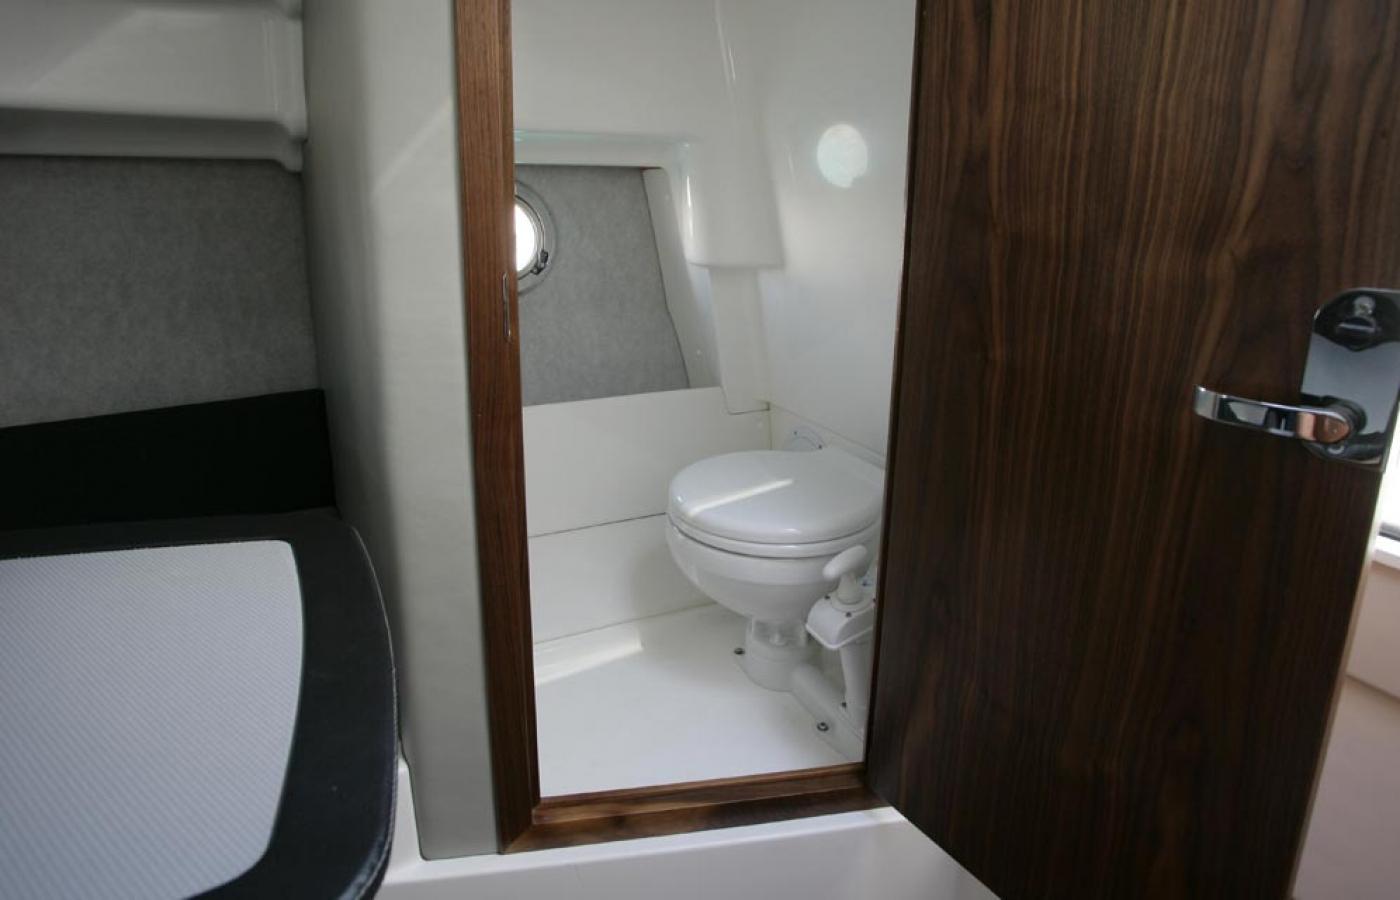 Electric toilet inside the en-suite